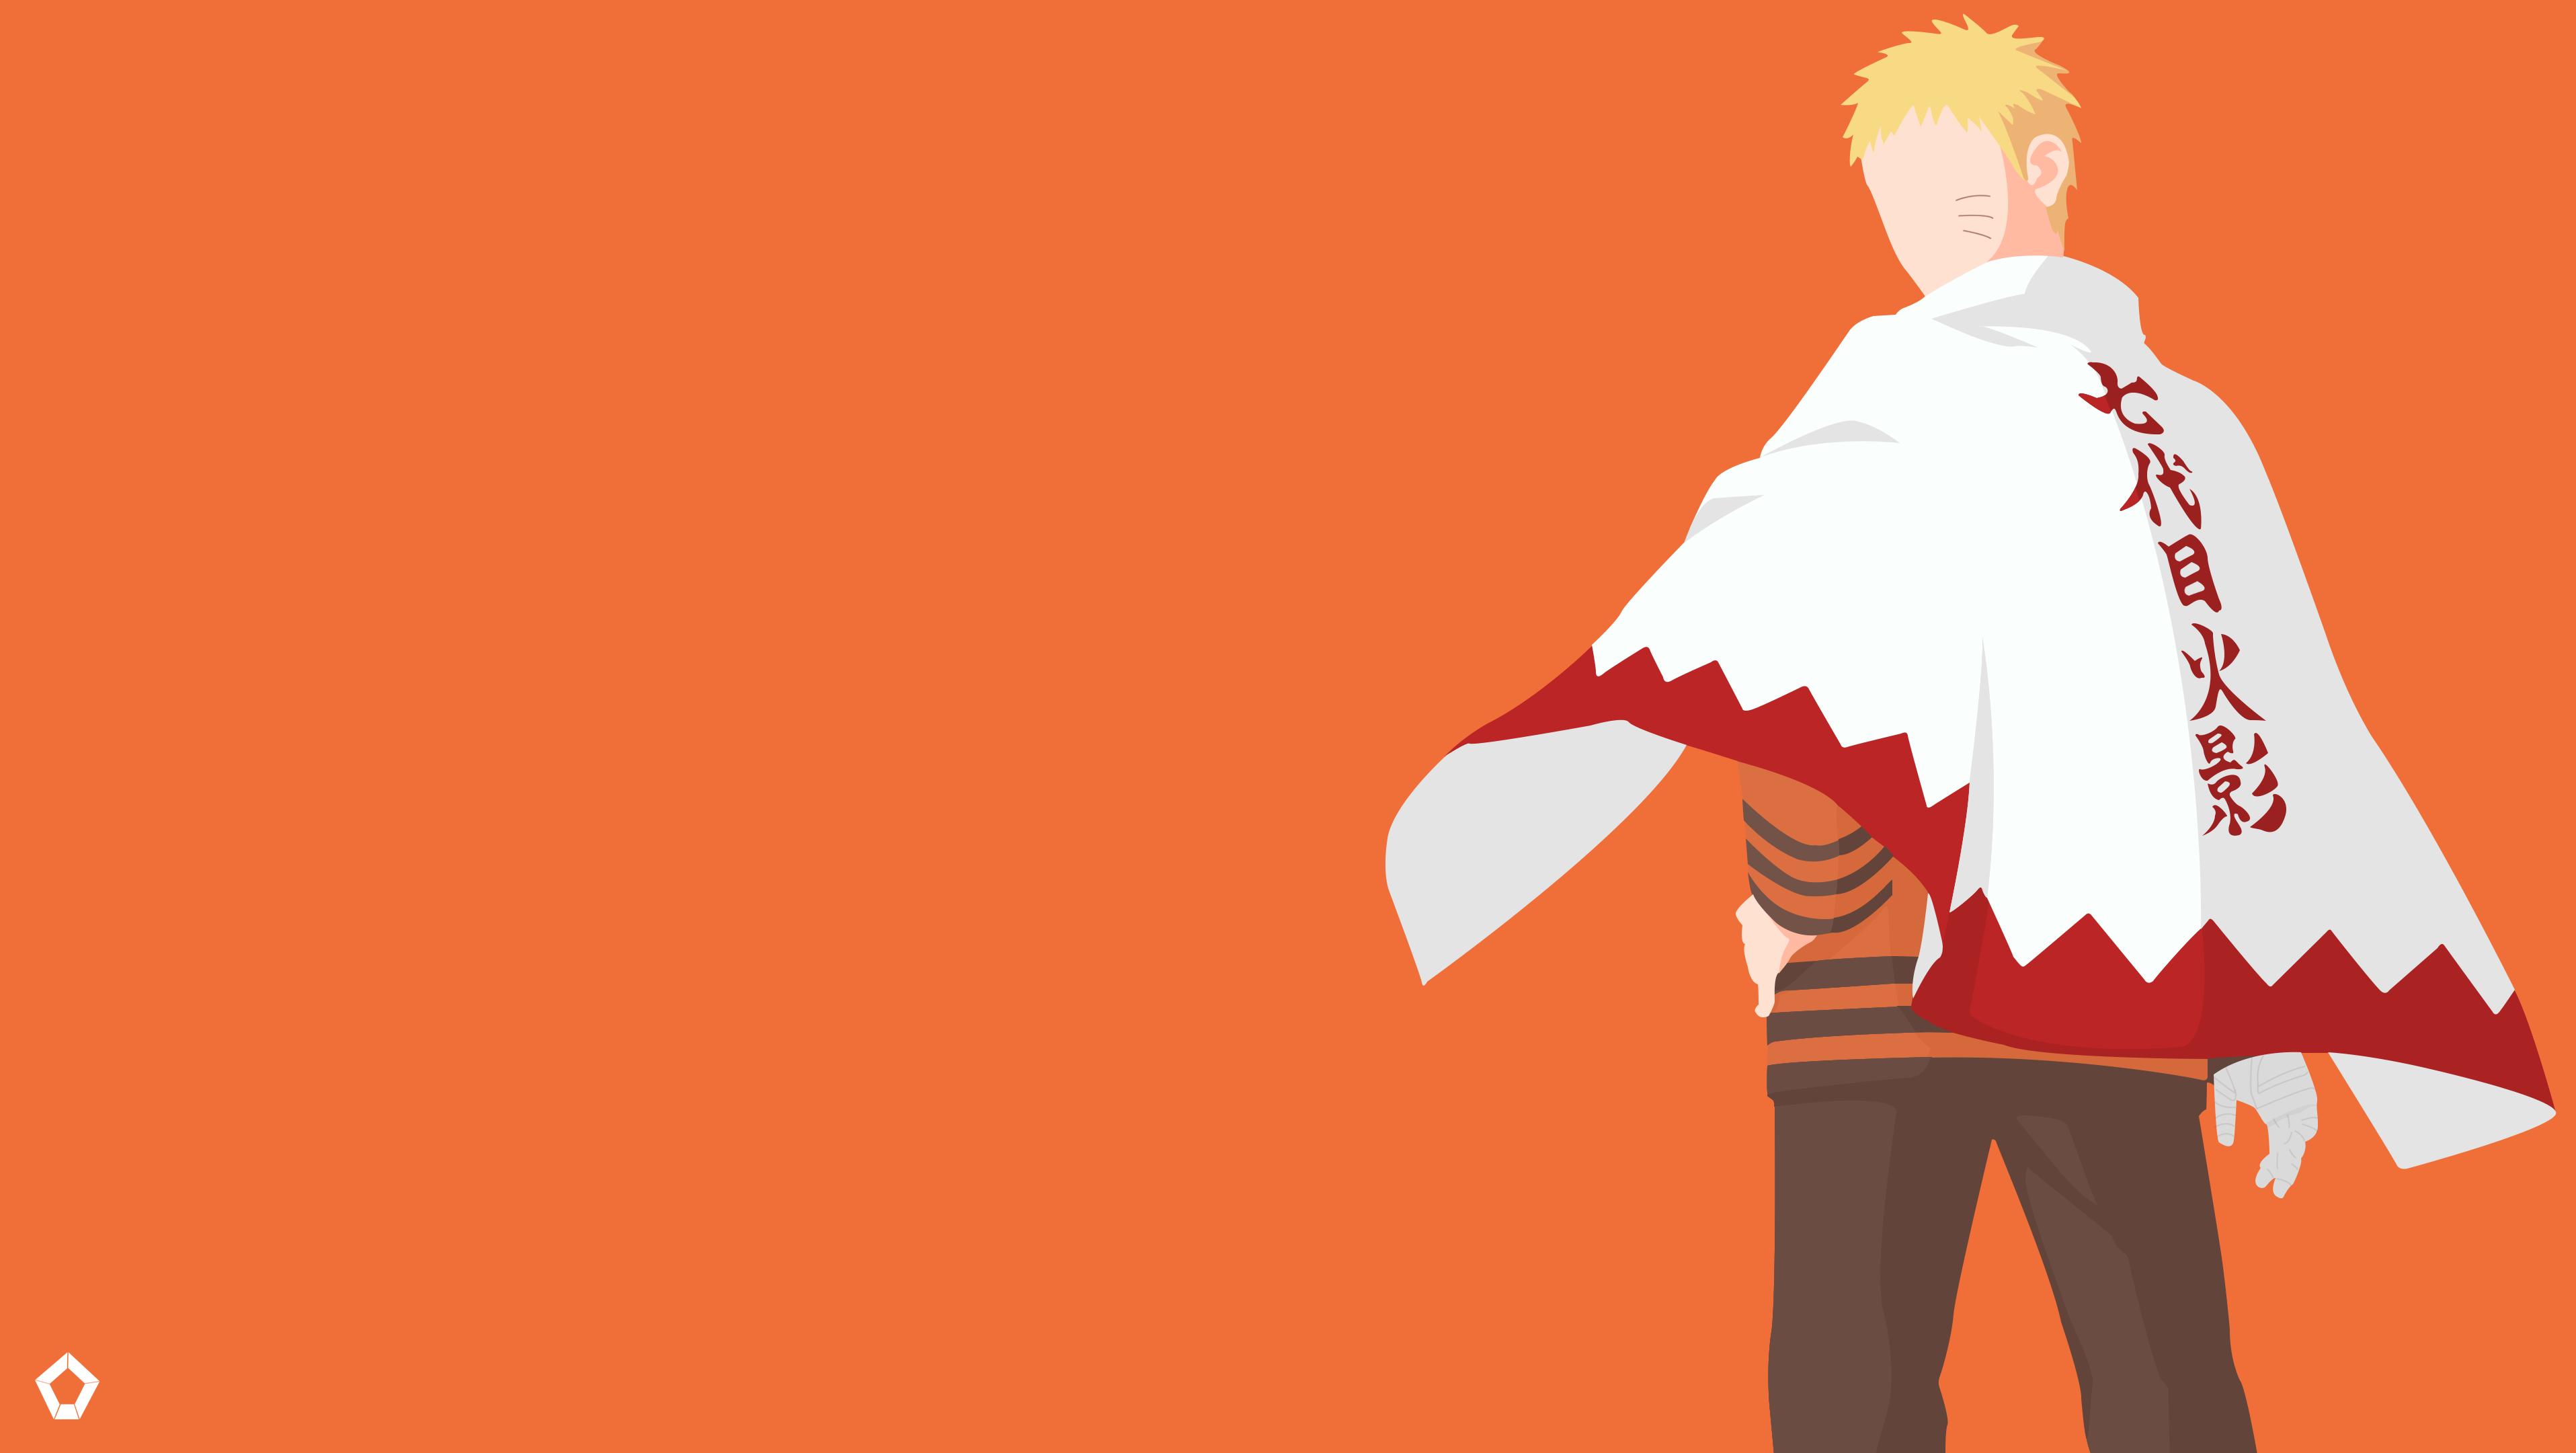 Uzumaki Naruto |Naruto |Minimalist Wallpaper by ...